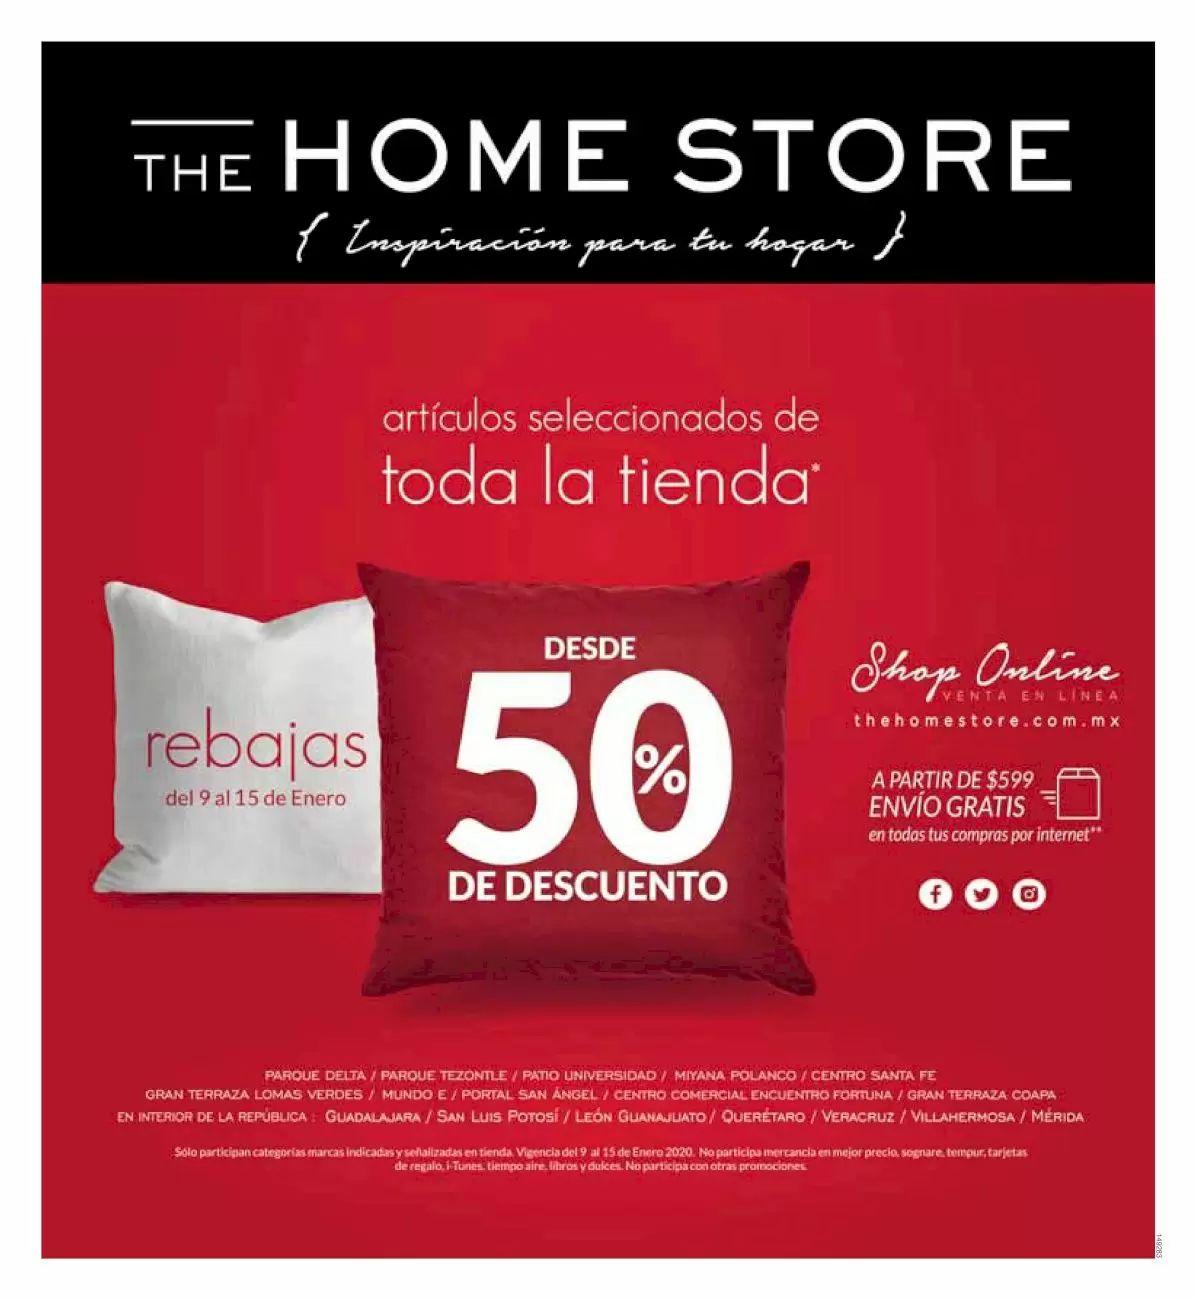 The Home Store: Rebajas desde 50% en artículos seleccionados de toda la tienda